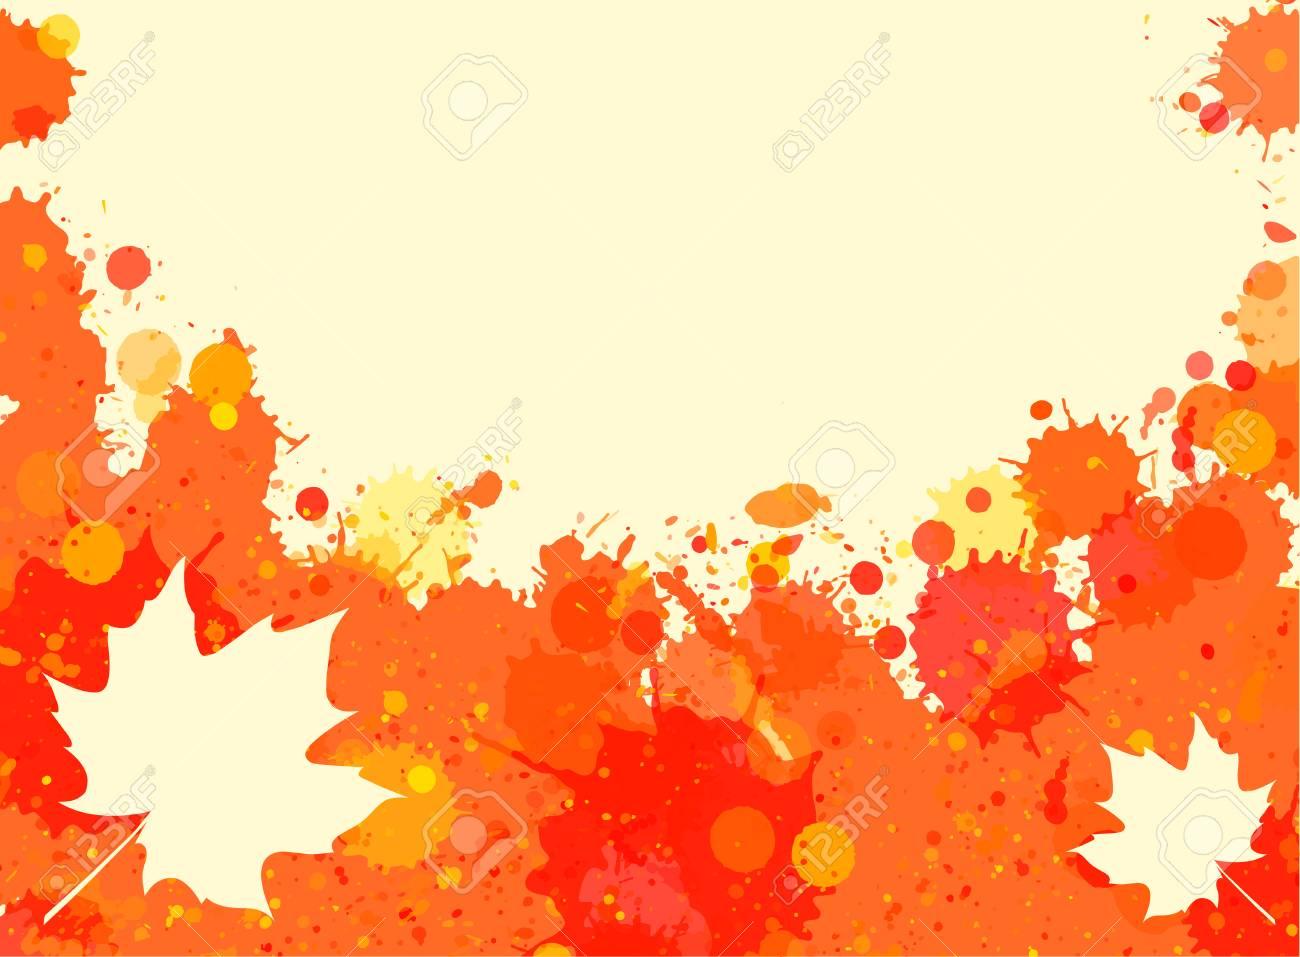 Helle Orange Aquarell Malen Splatter-Rahmen Mit Herbst Ahornblätter ...